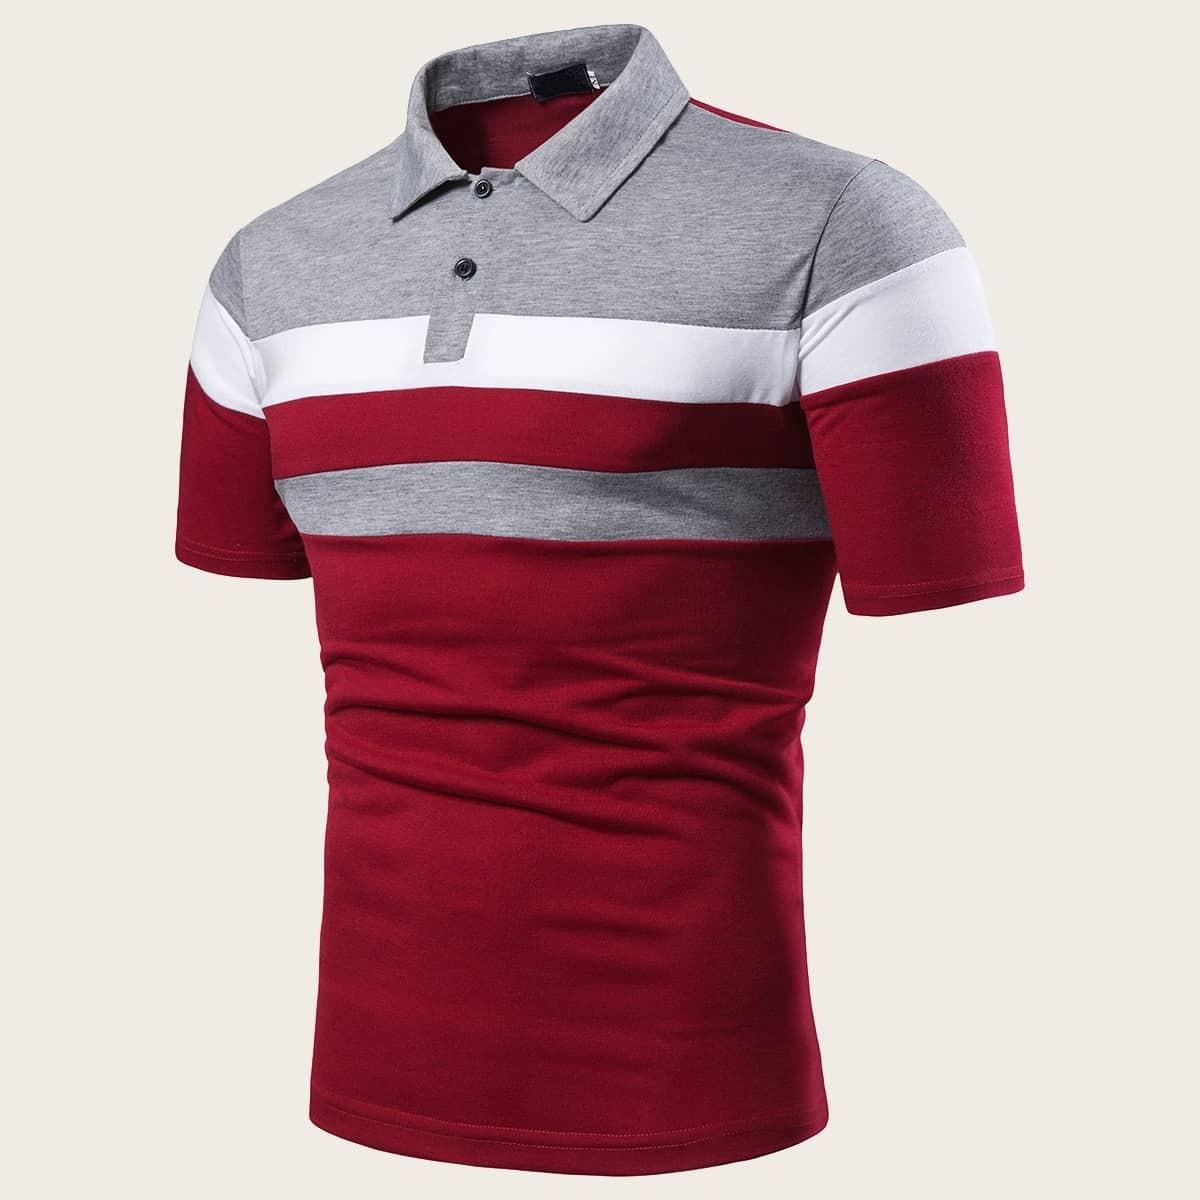 Veel kleurig Casual Poloshirts voor heren Kleurblok